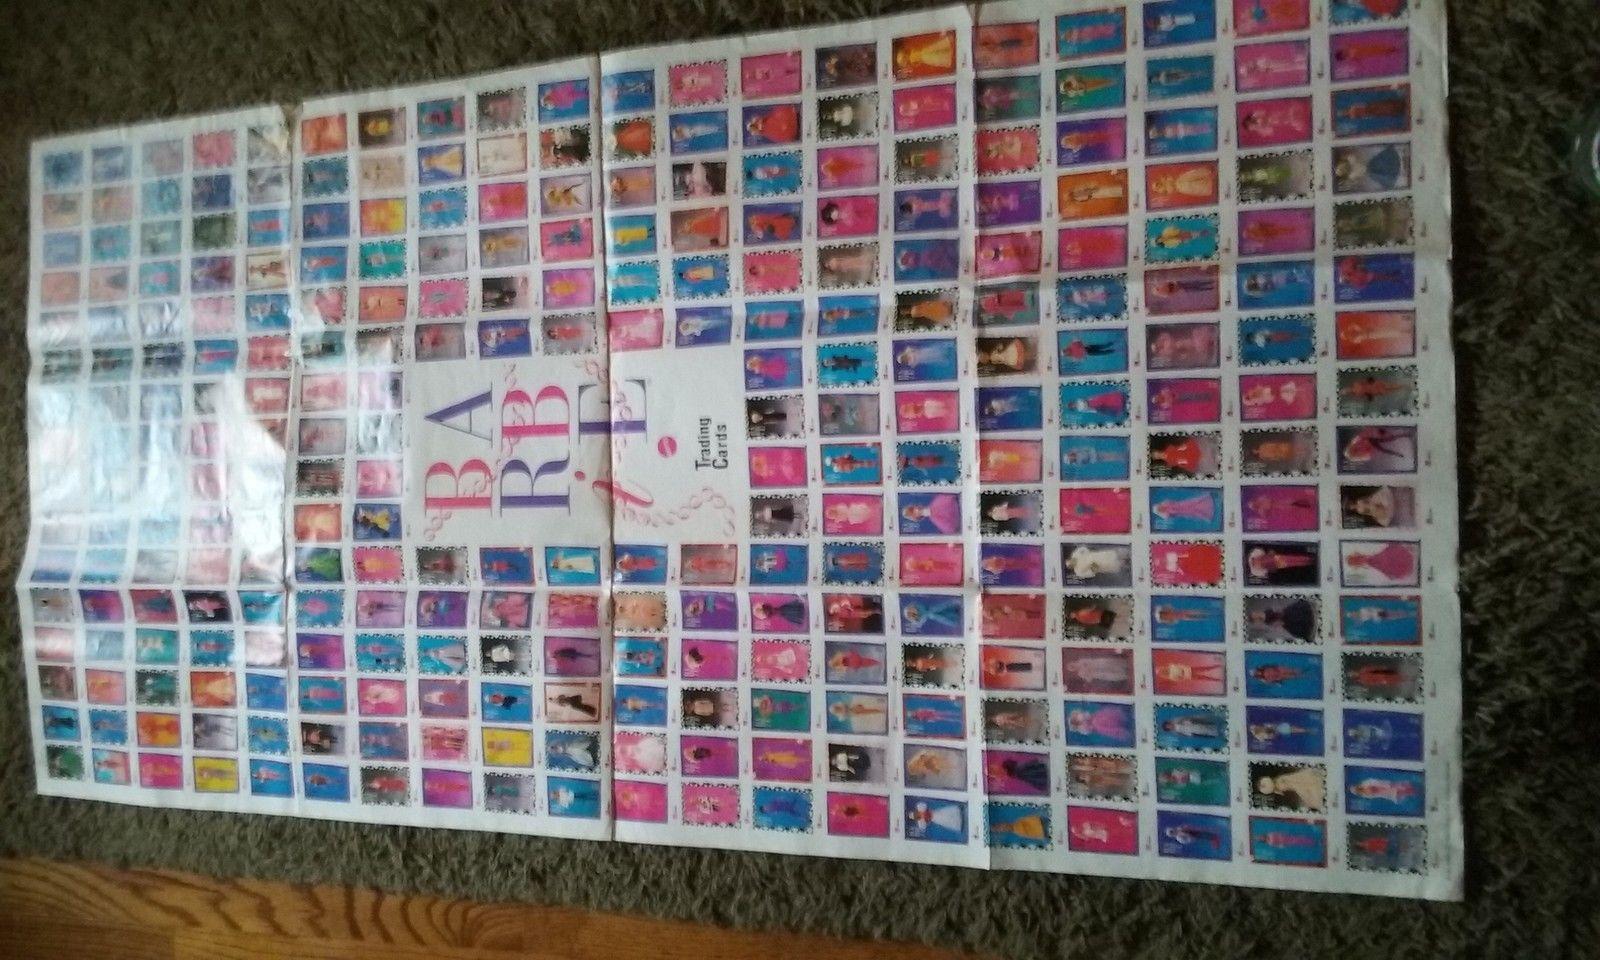 1990 Barie Collector Card Poster | eBay Son 20 filas verticales y 16 tarjetas por fila son 320 tarjetas retratadas en el poster del vendedor.